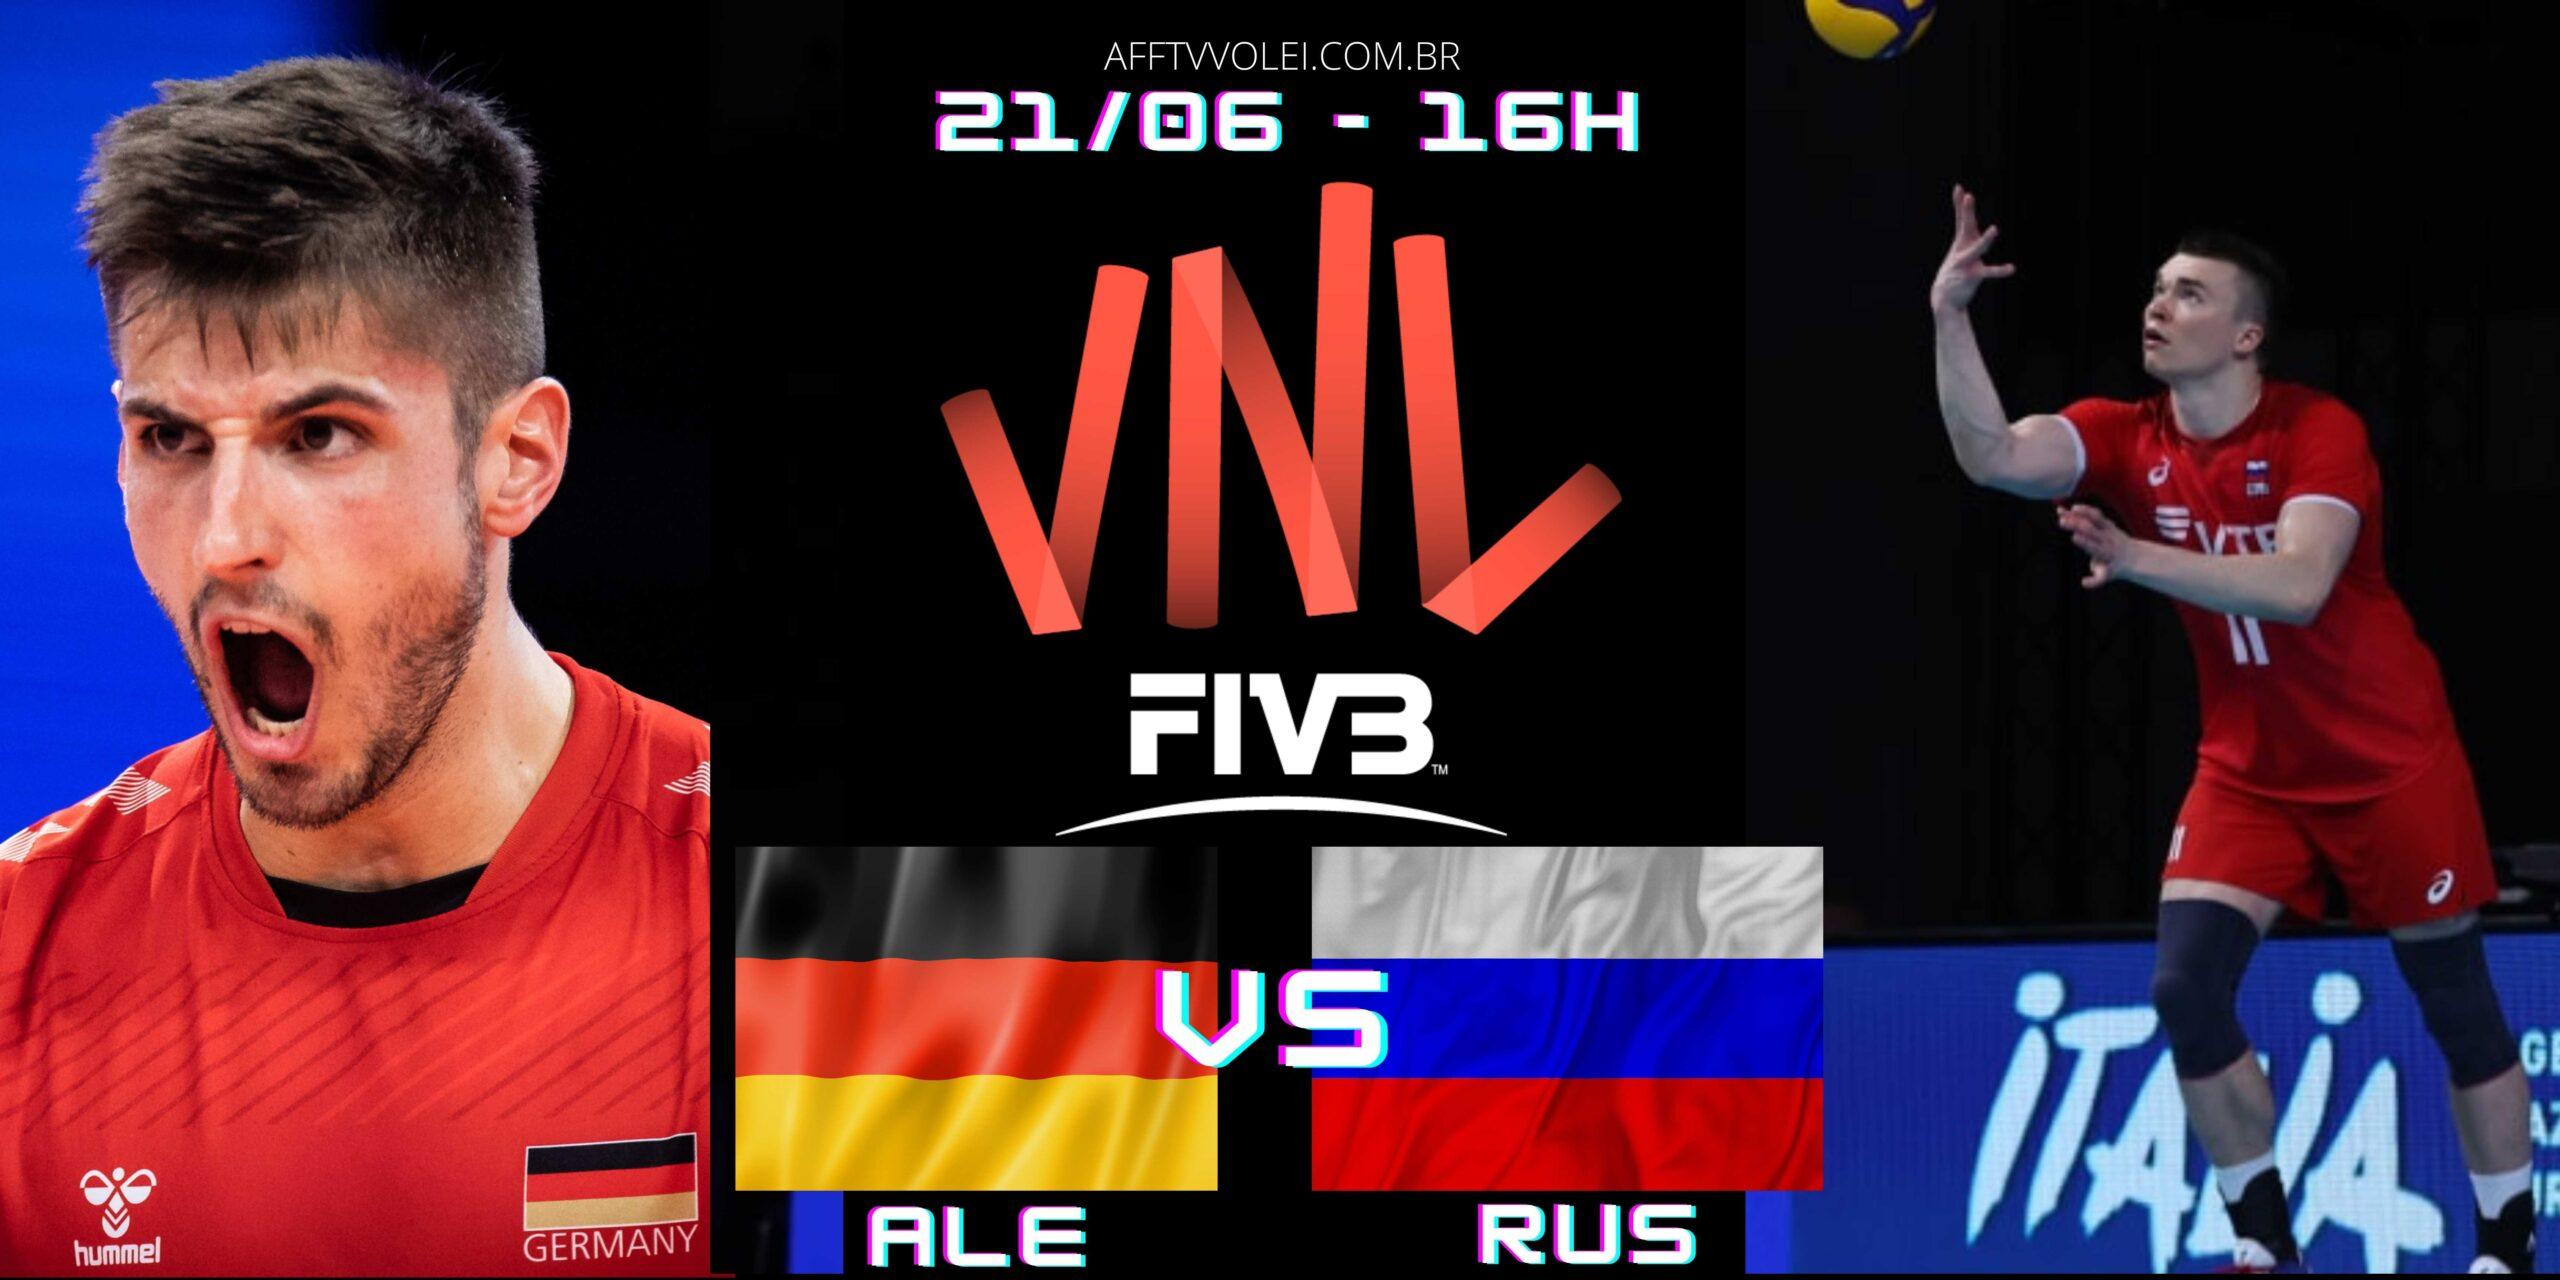 Alemanha 1 vs 3 Rússia – Liga das Nações – 21/06/2021